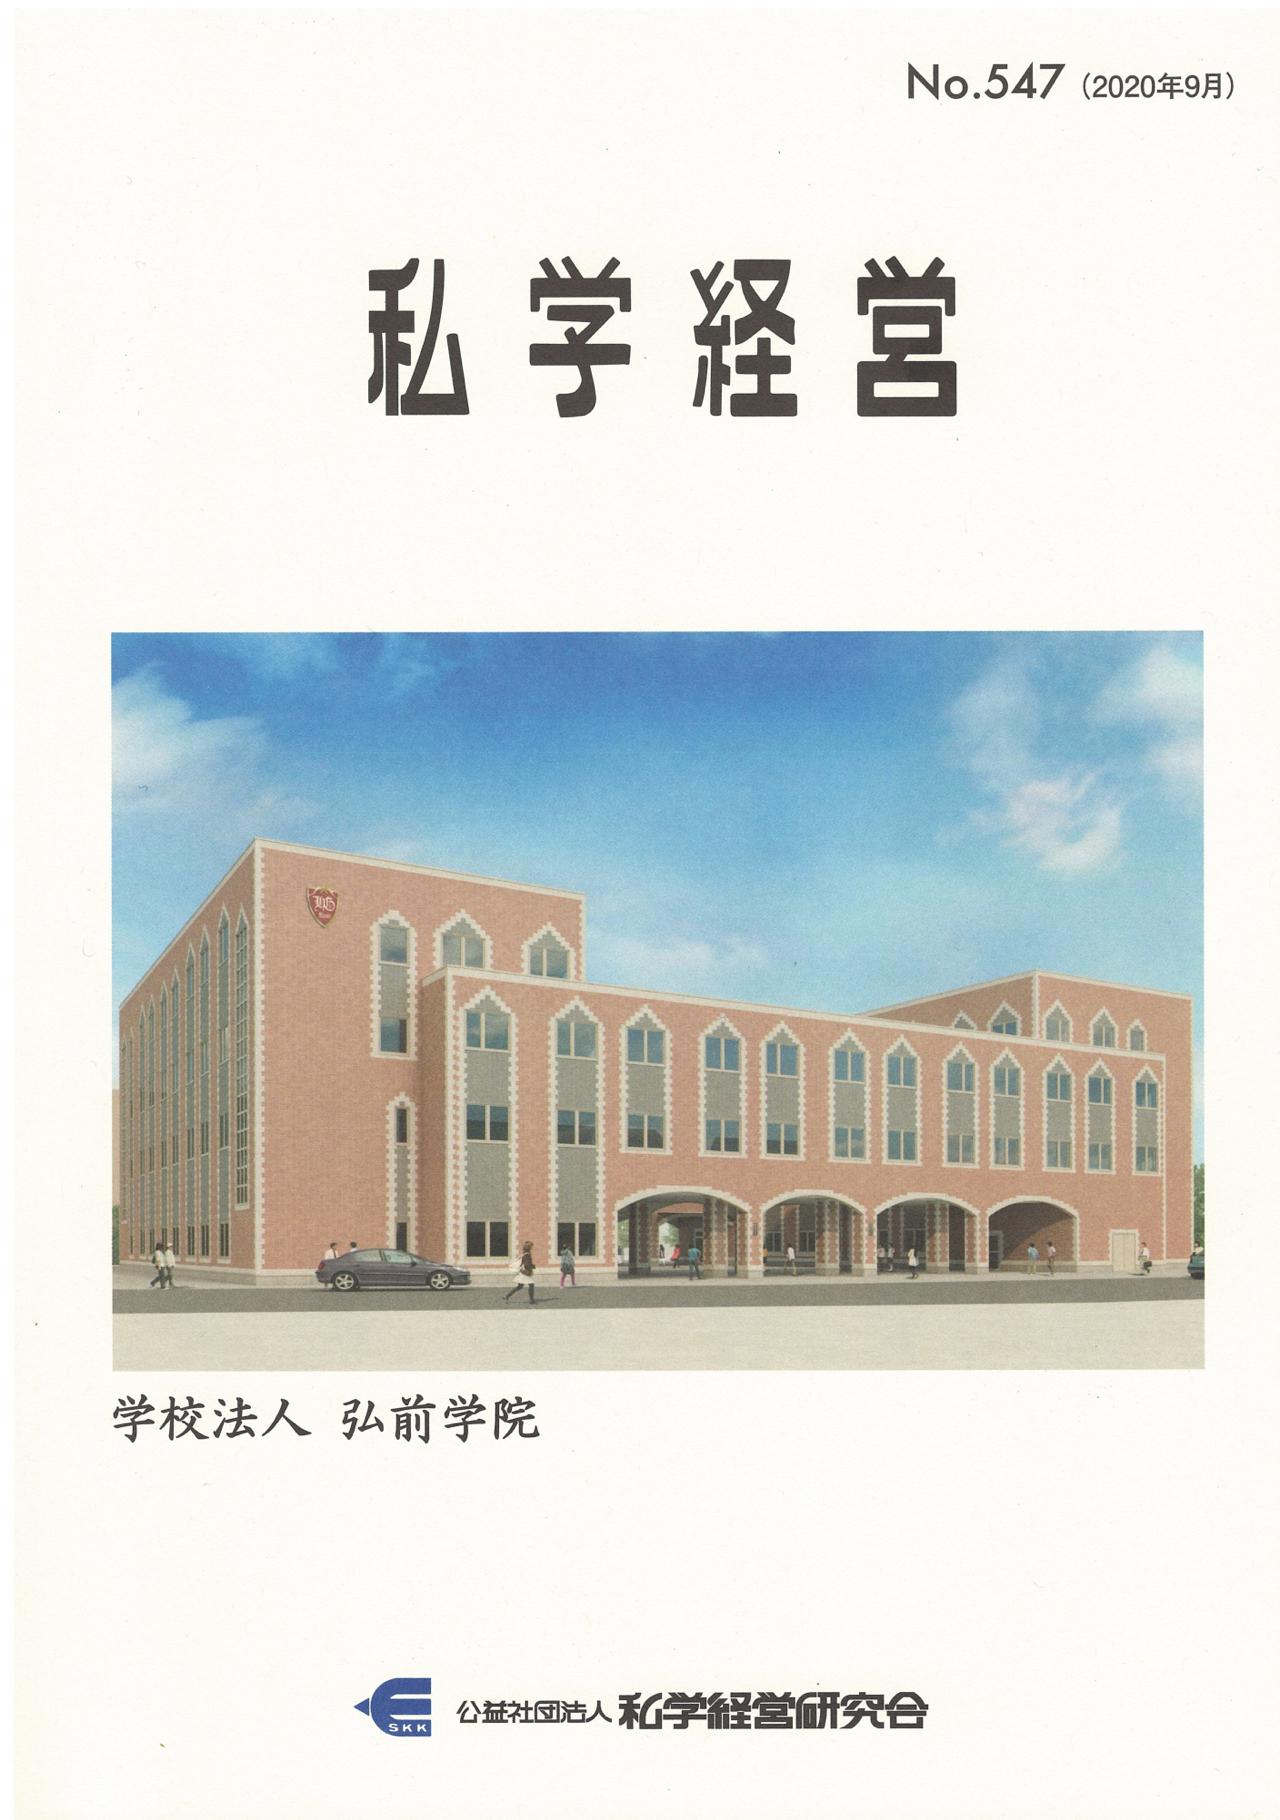 私学経営研究会「私学経営 No.547」論文表紙